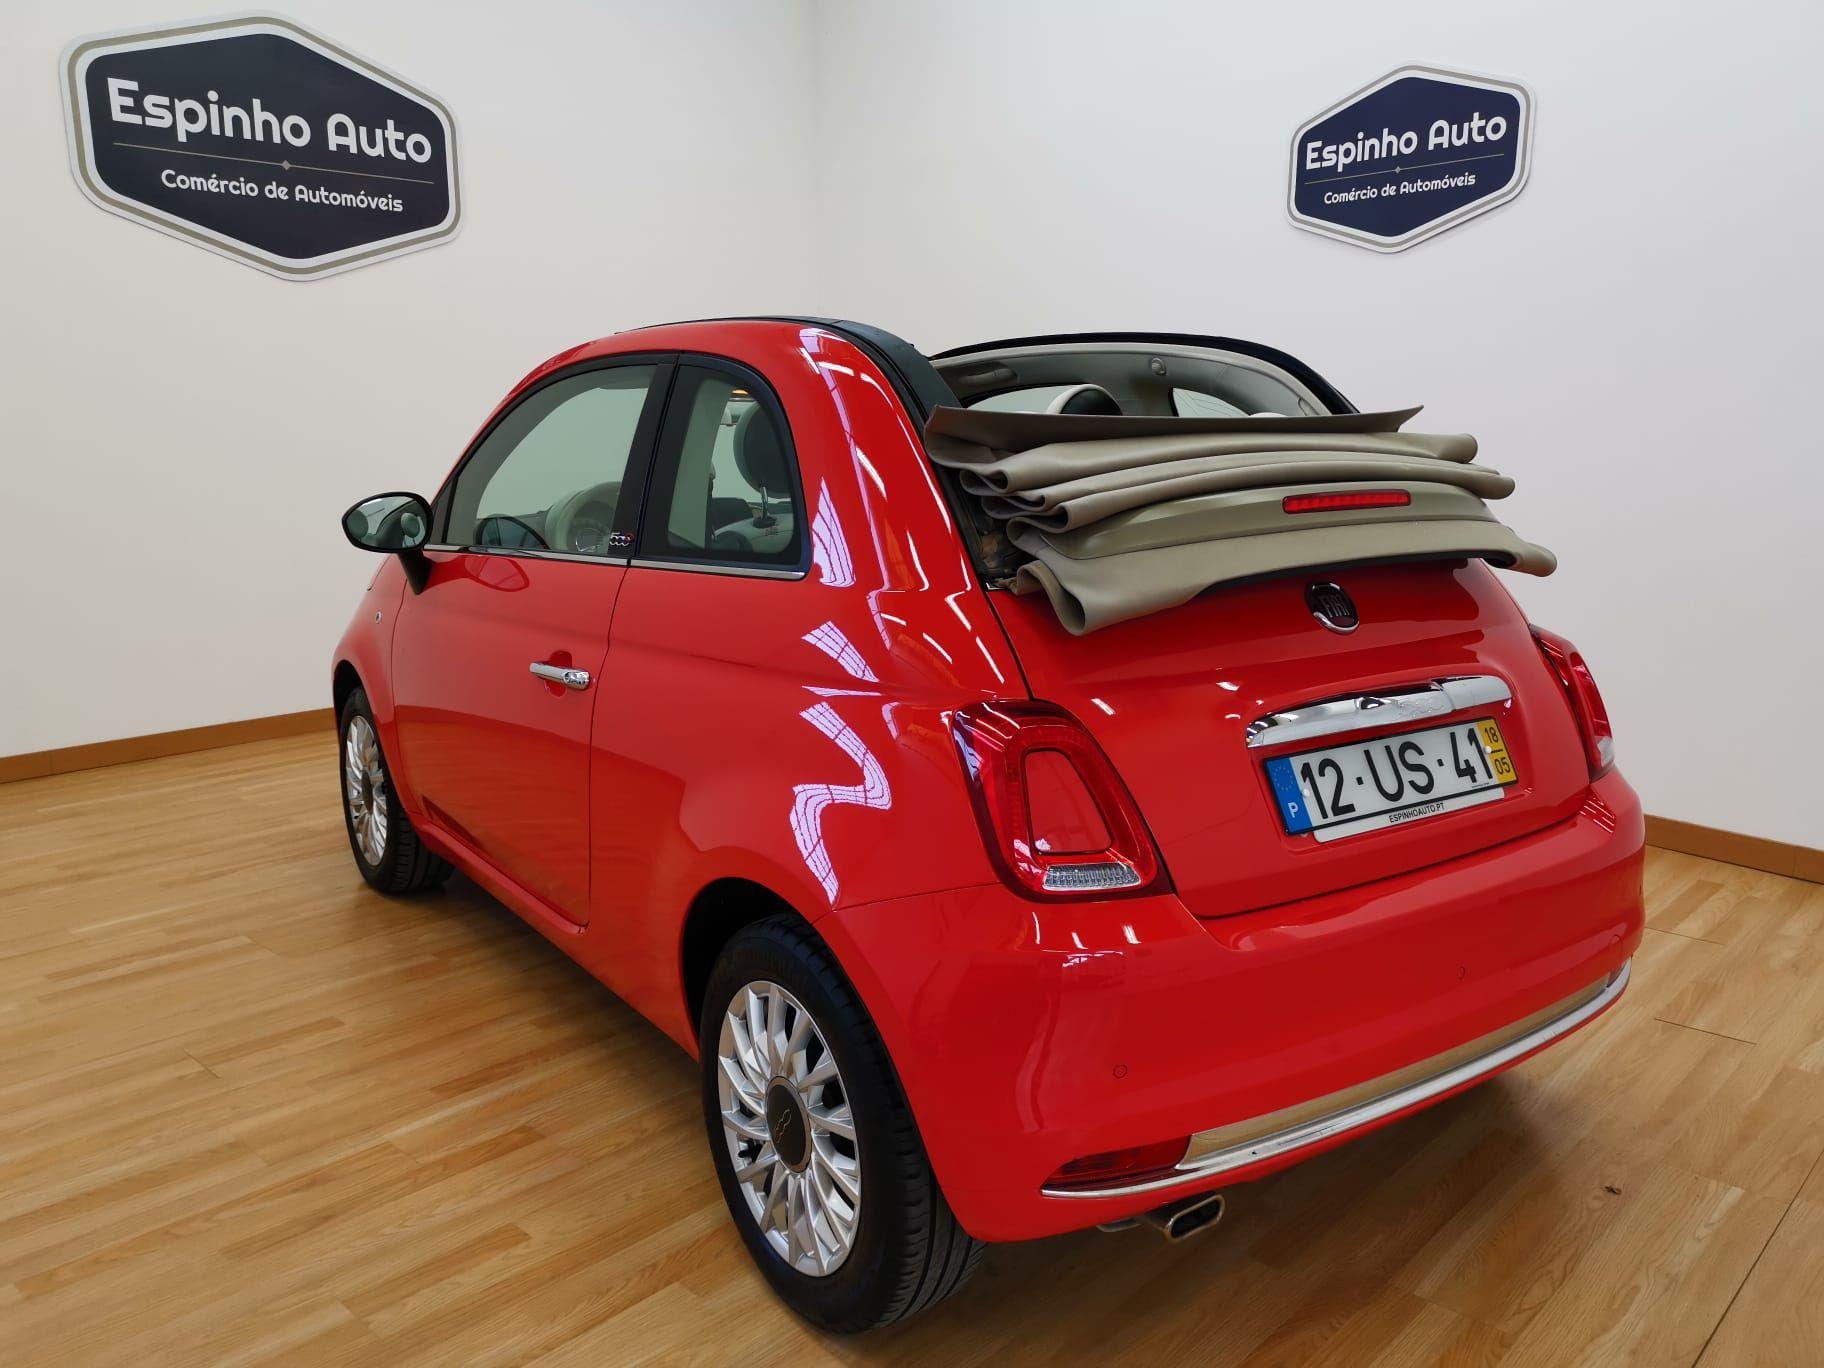 Fiat 500c 1 2 Lounge Usado Para Venda Em Espinho